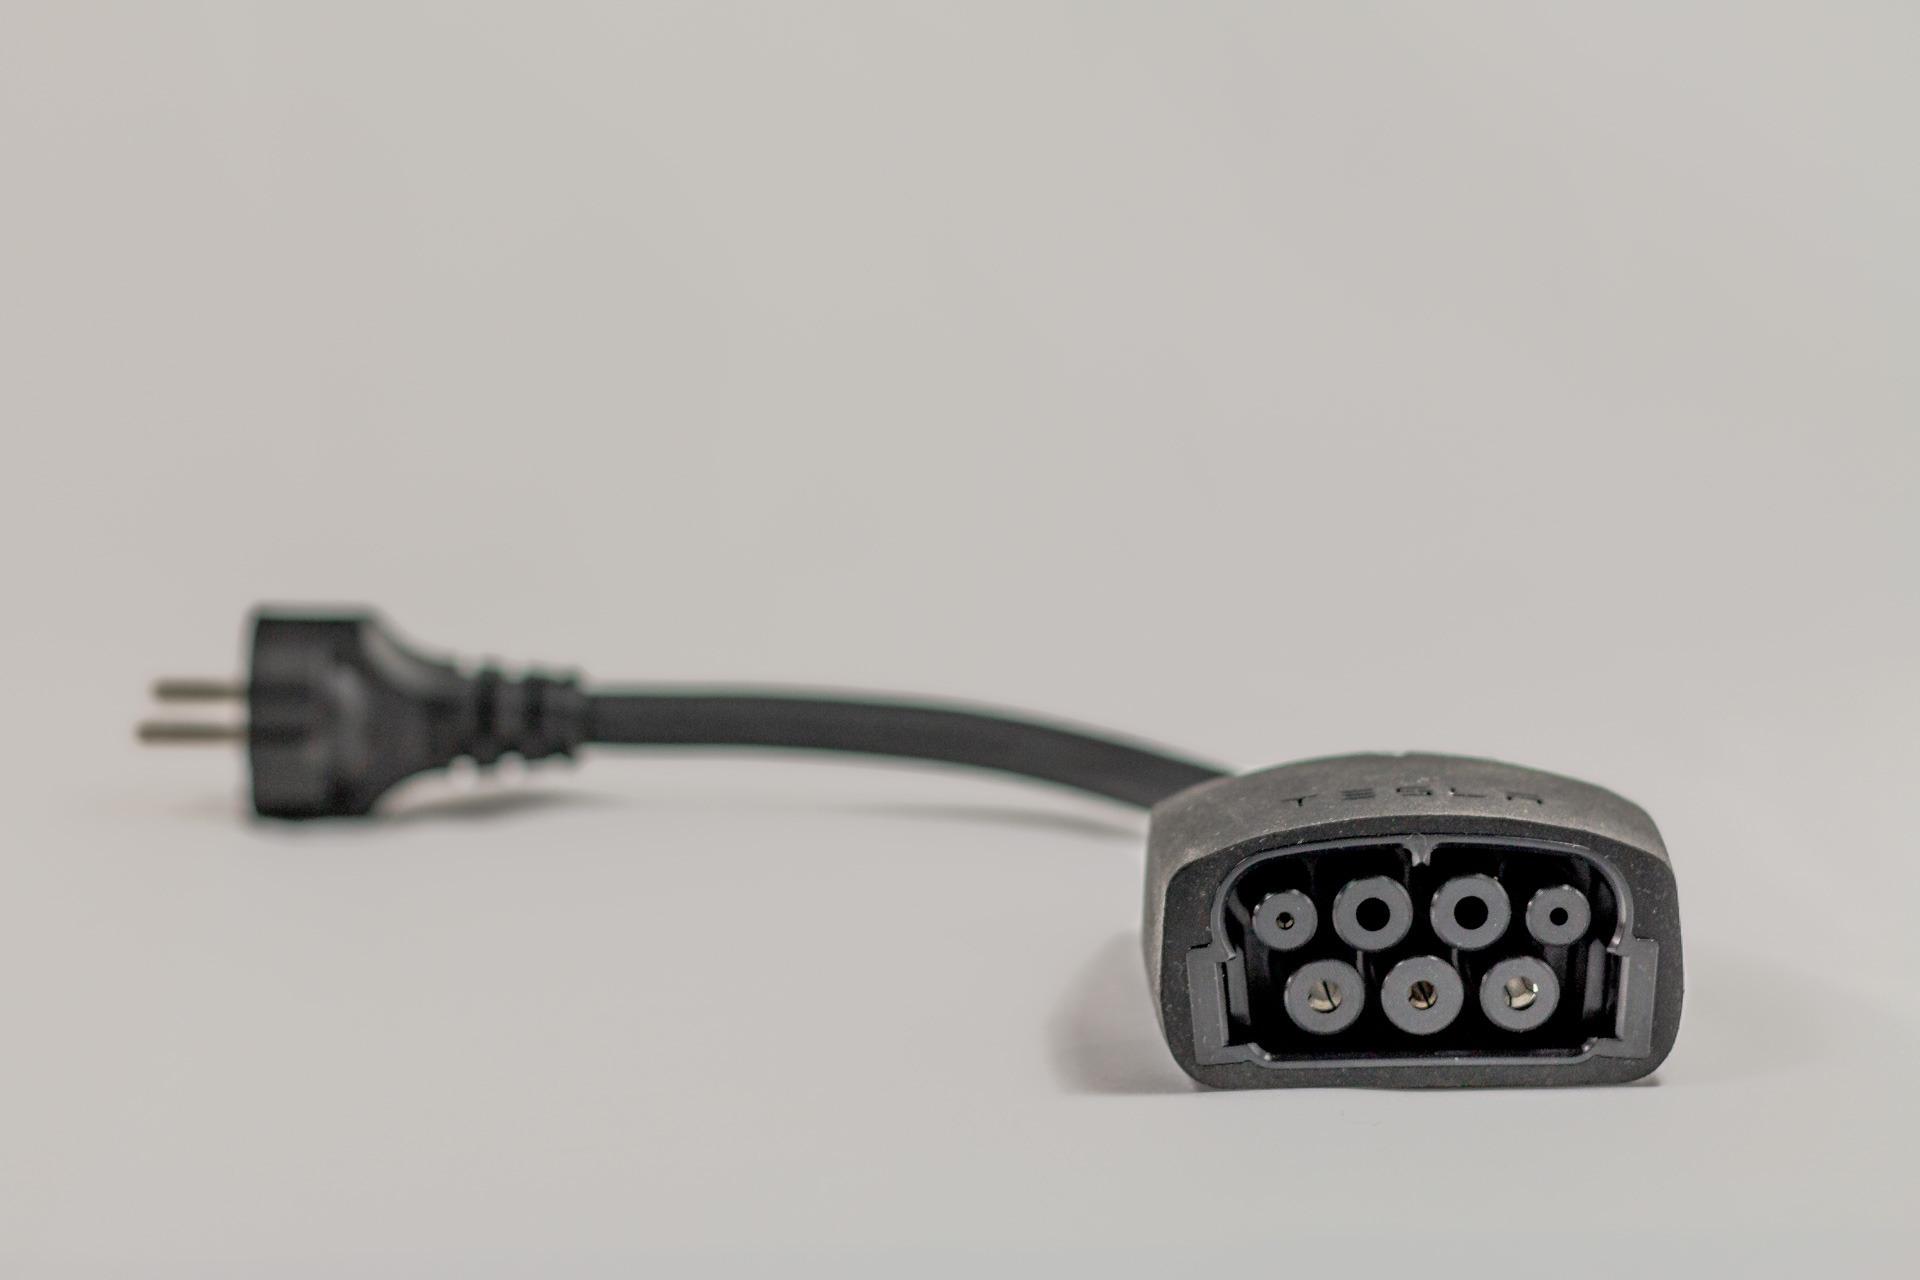 Schuko Adapter Tesla UMC 1. Generation Kabel Adapter Ladegerät 11 kW dreiphasig 3-phasig Greenspeed gebraucht kaufen Aachen Deutschland